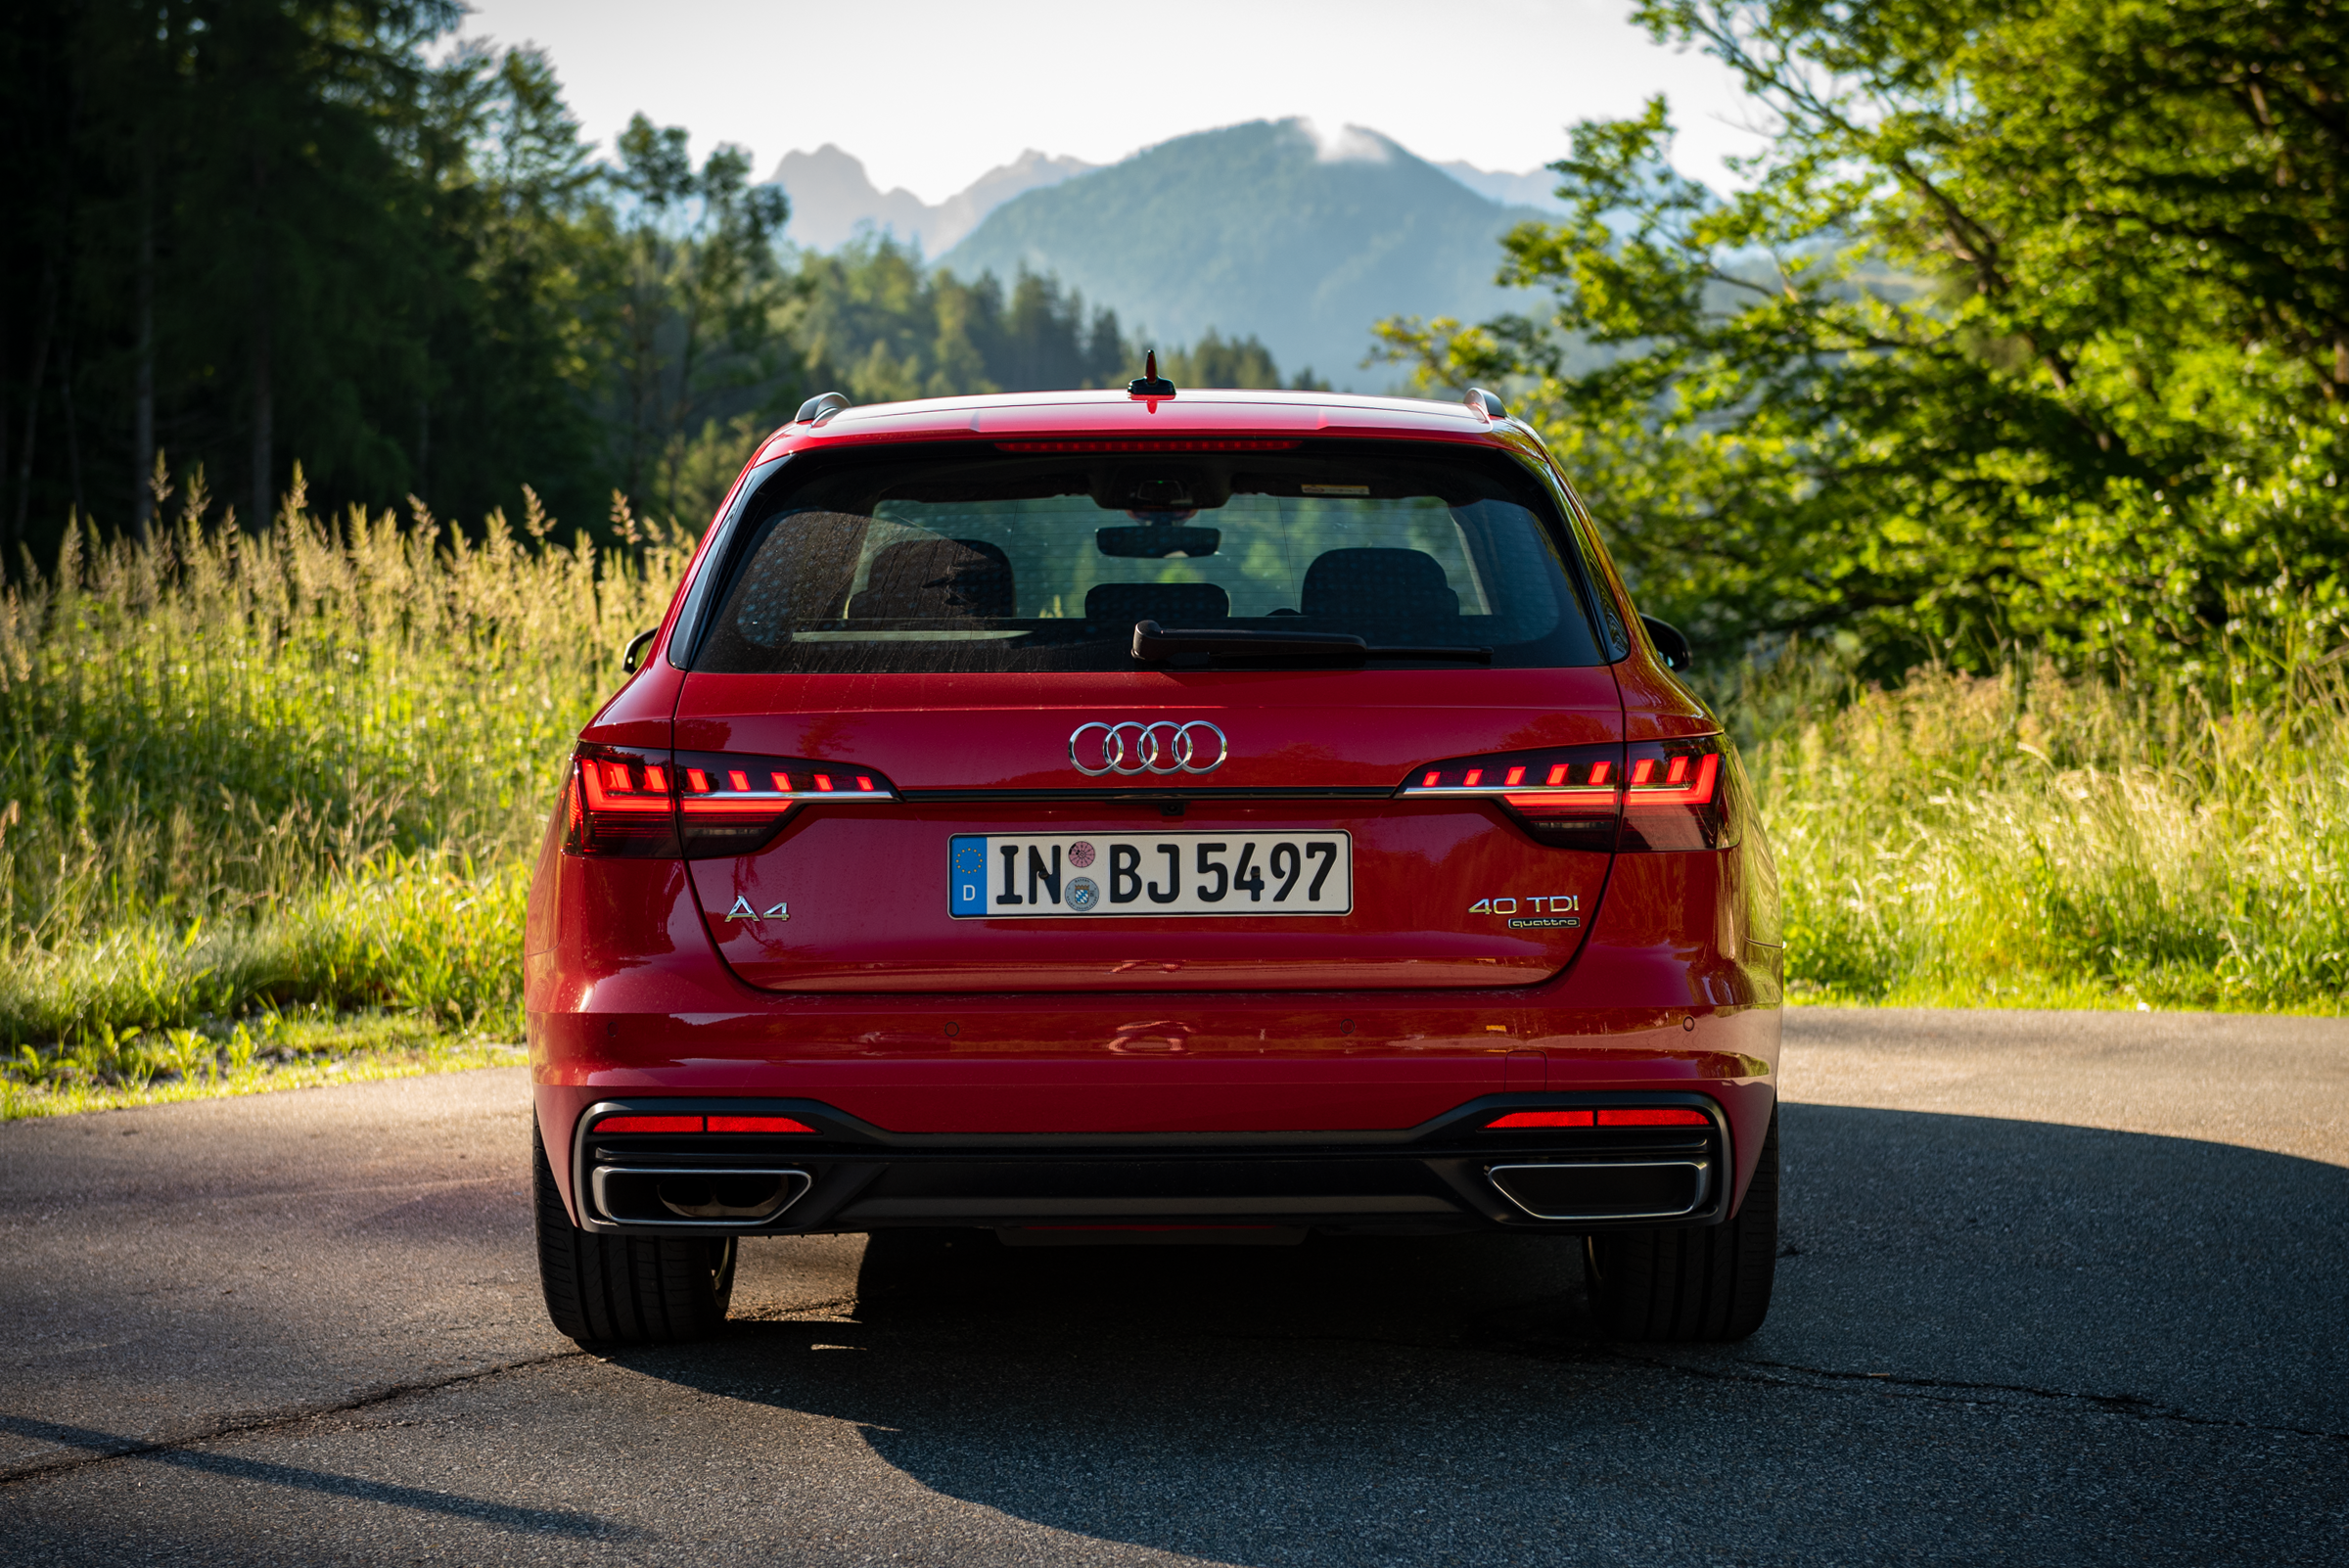 Audi-A4-Avant-2021-Rear